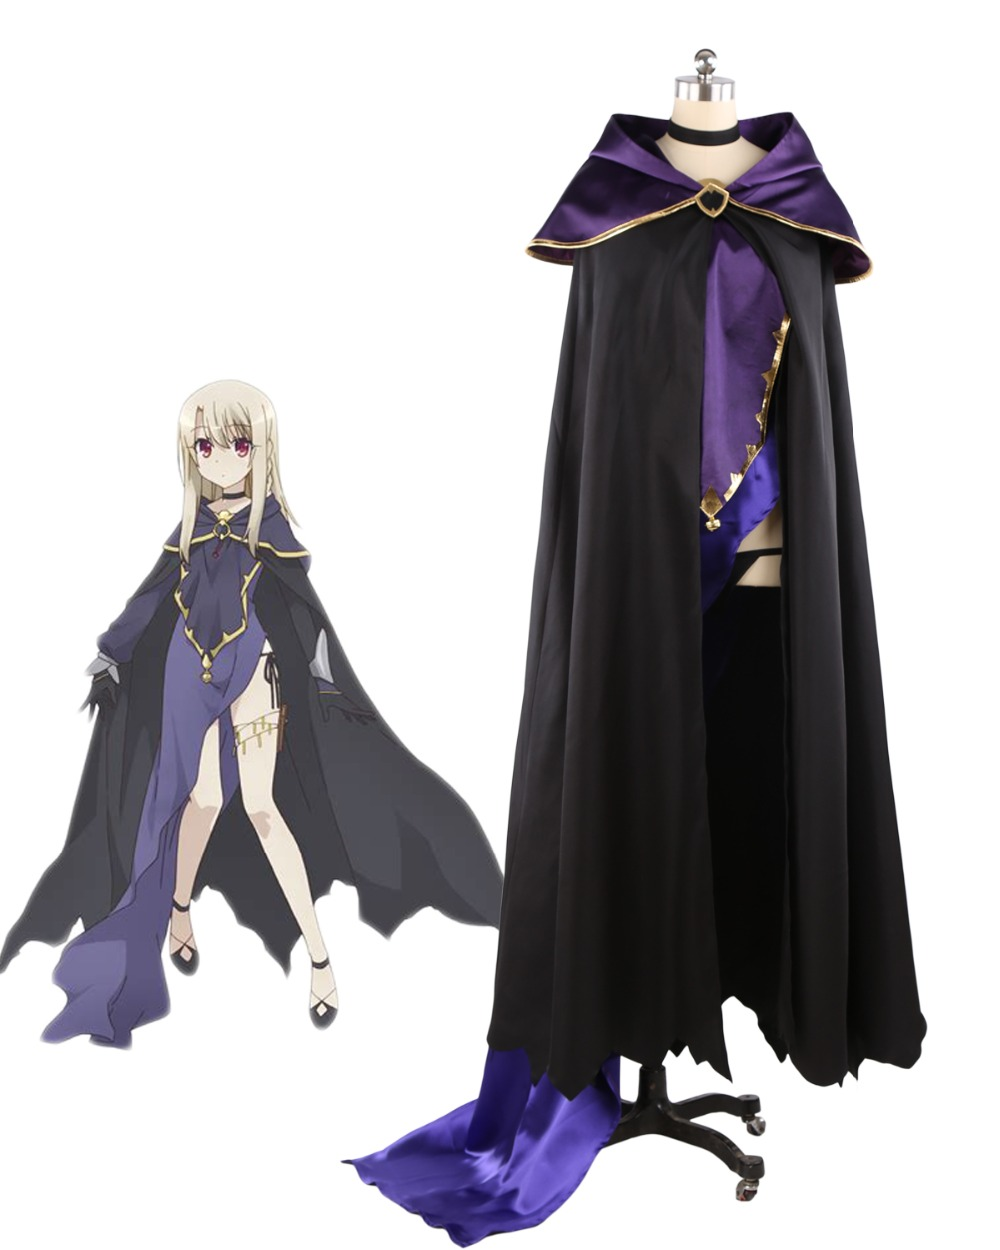 New Anime Fate//kaleid liner Illyasviel von Einzbern Cosplay Costume Accessories//